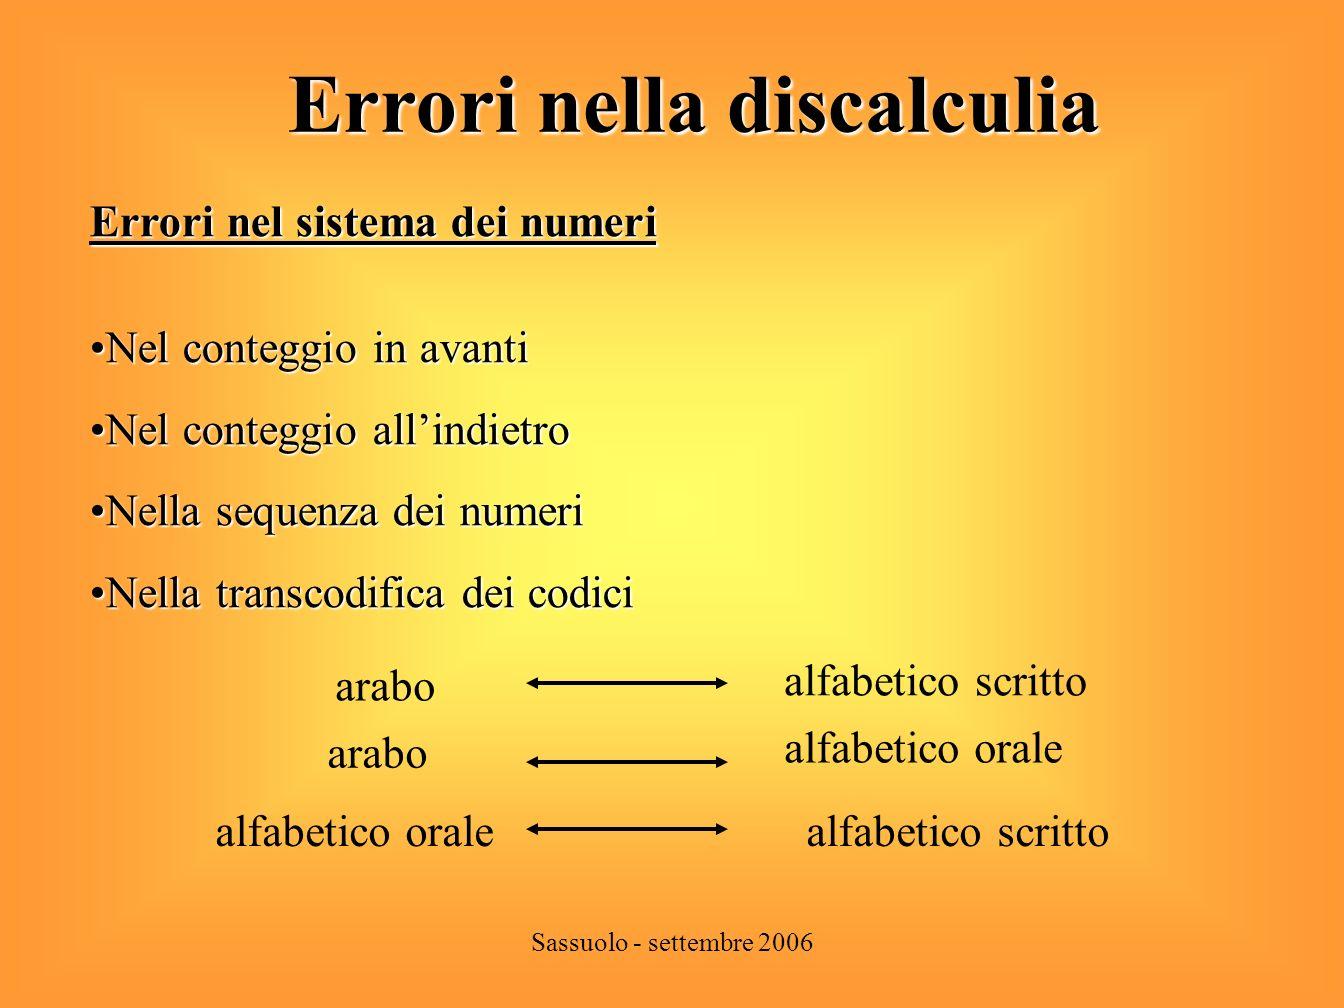 Sassuolo - settembre 2006 Errori nella discalculia 2 Errori nel sistema del calcolo Nel calcolo mentale Nellinterpretazione del segno 45- 12= 57 15x 7 = 45 Nella procedura del calcolo 37 x 25 = 185 74 259 4385+ 7825= 11100 Manca il riporto